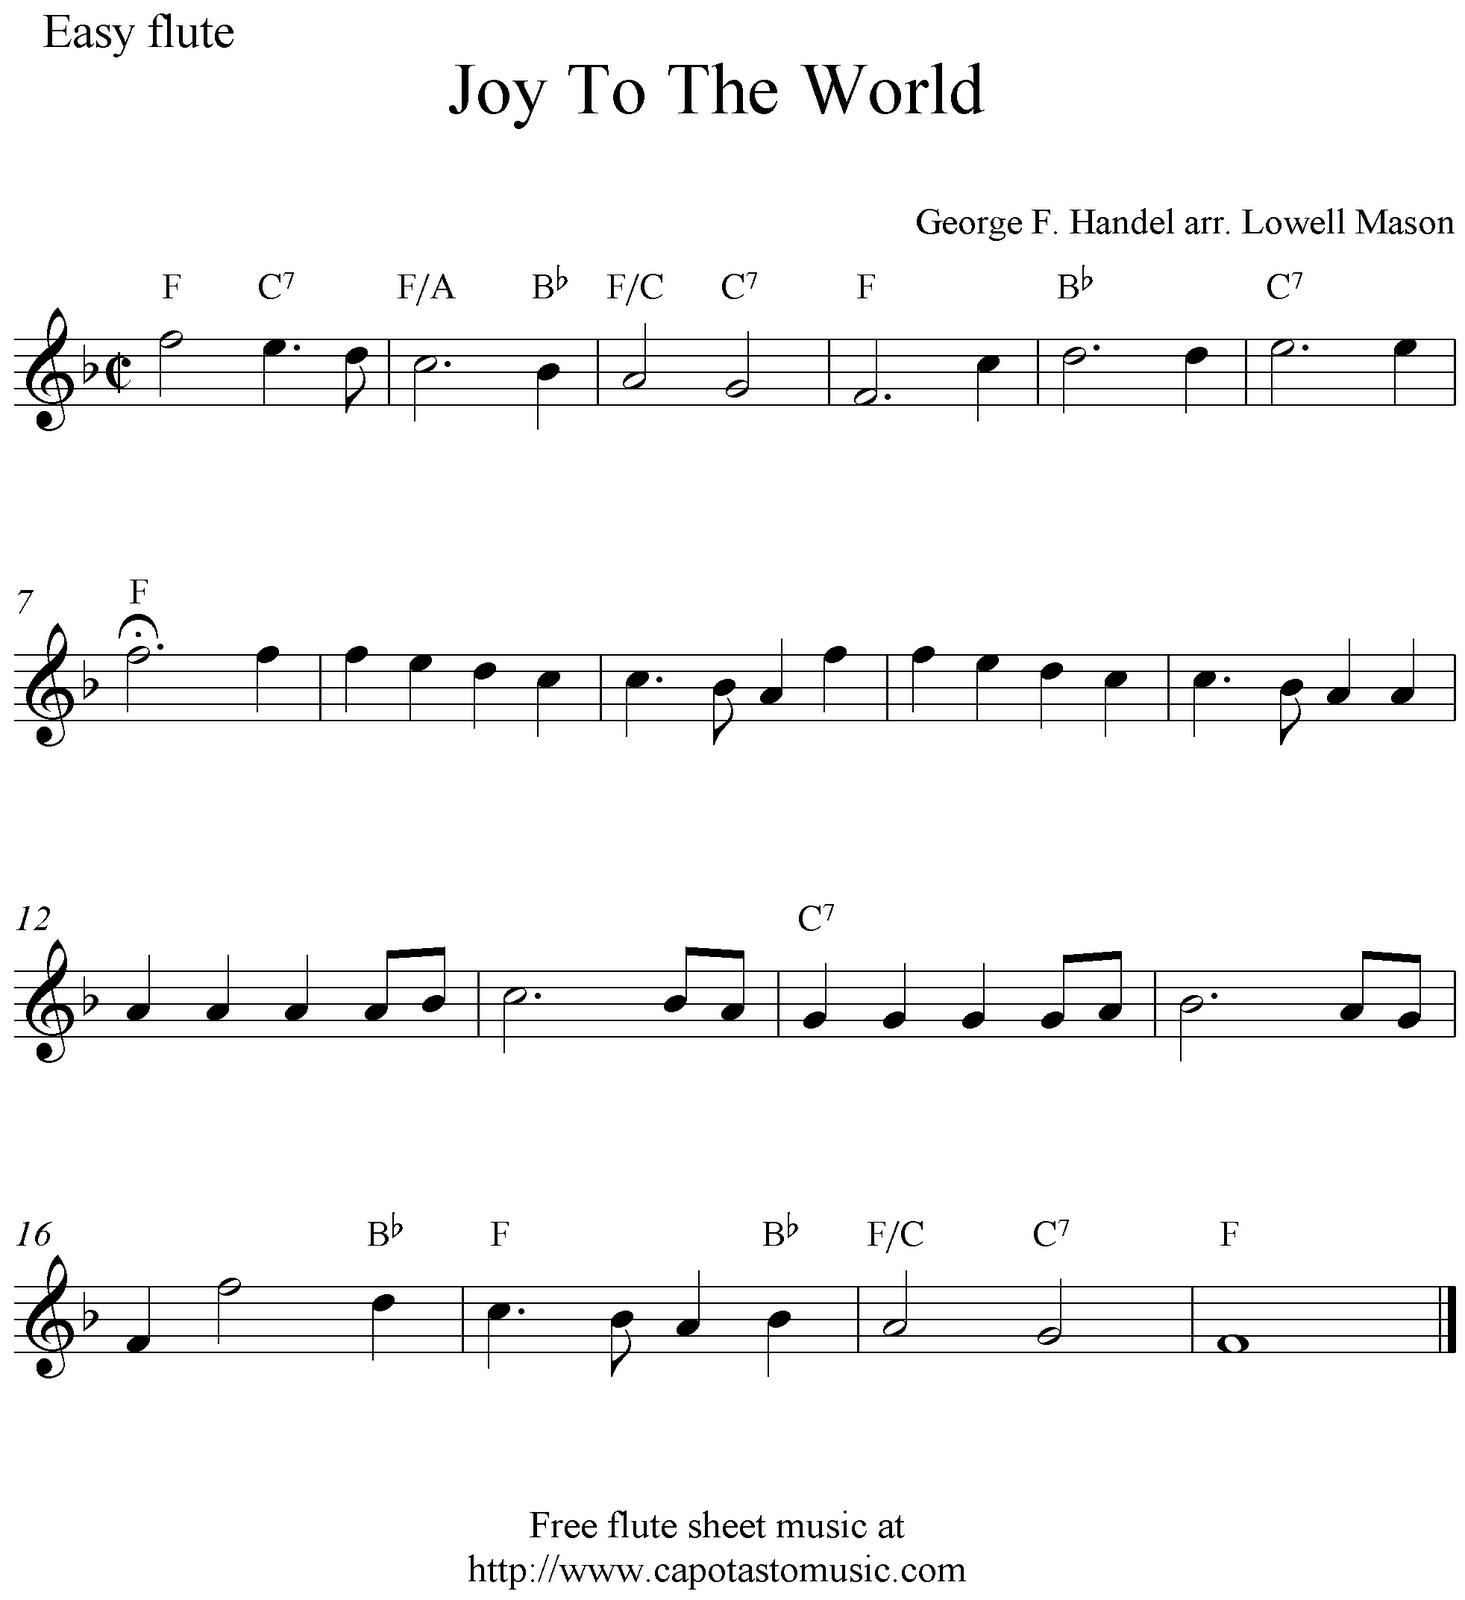 Beginner Flute Sheet Music Pdf - Free Printable Flute Sheet Music